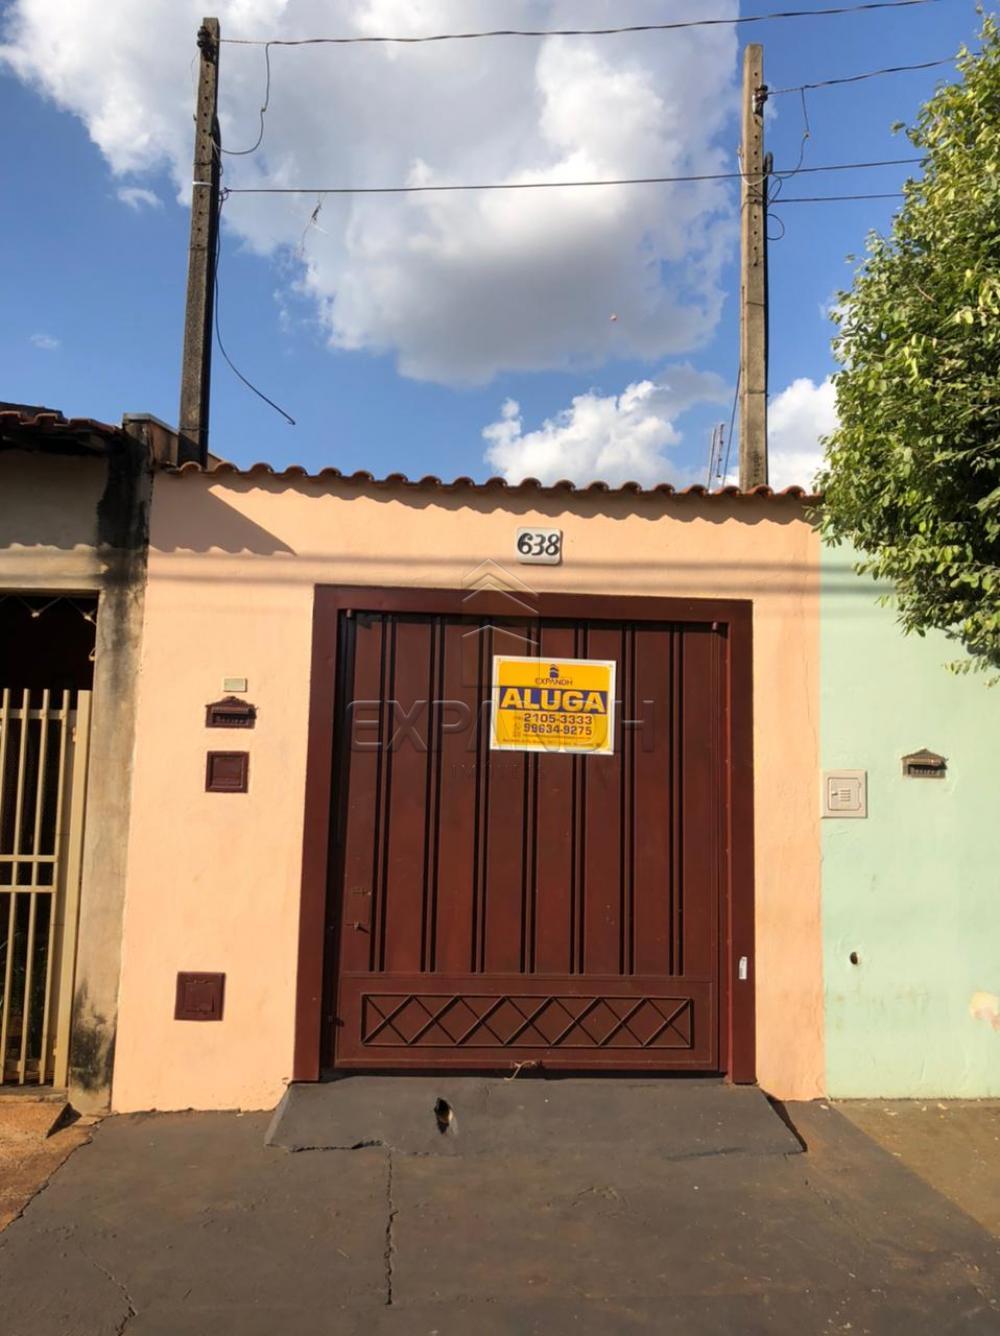 Alugar Casas / Padrão em Sertãozinho R$ 600,00 - Foto 1